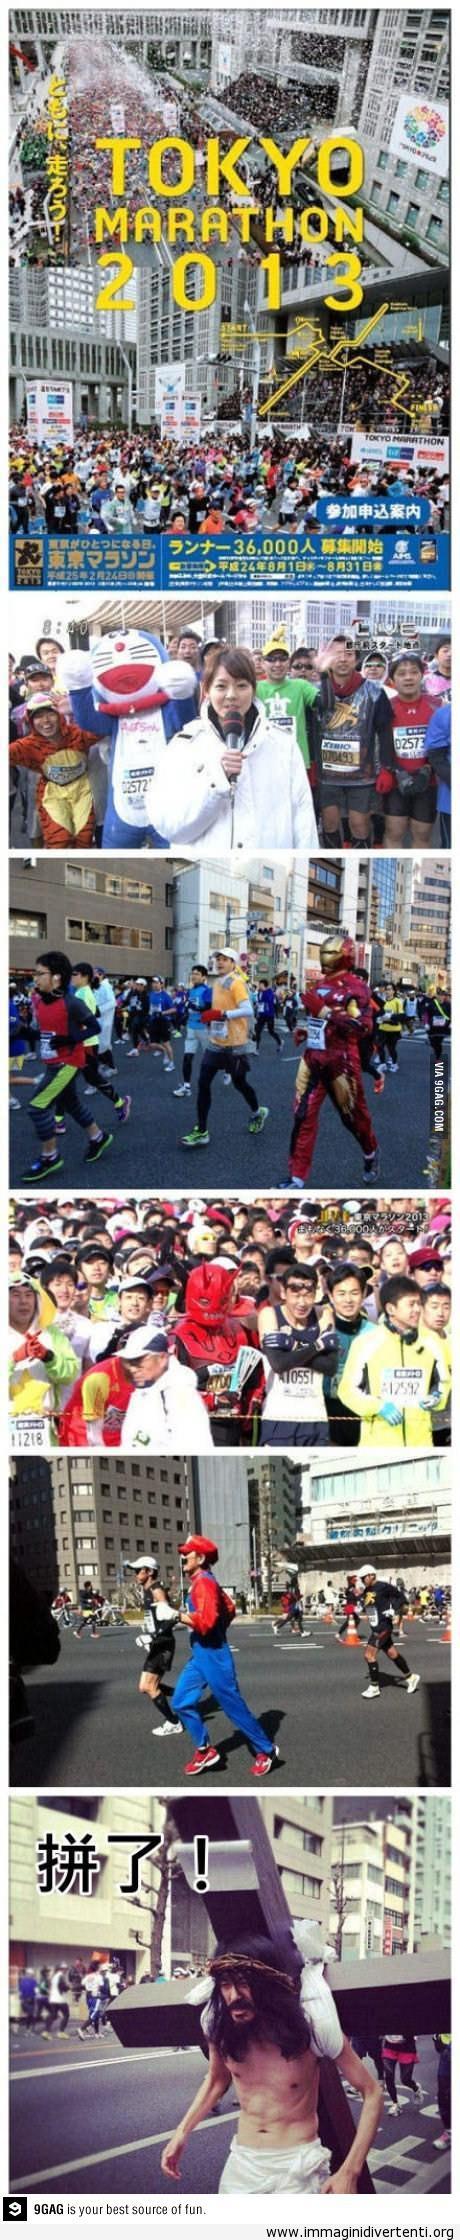 Una maratona normale in Giappone immaginidivertenti.org